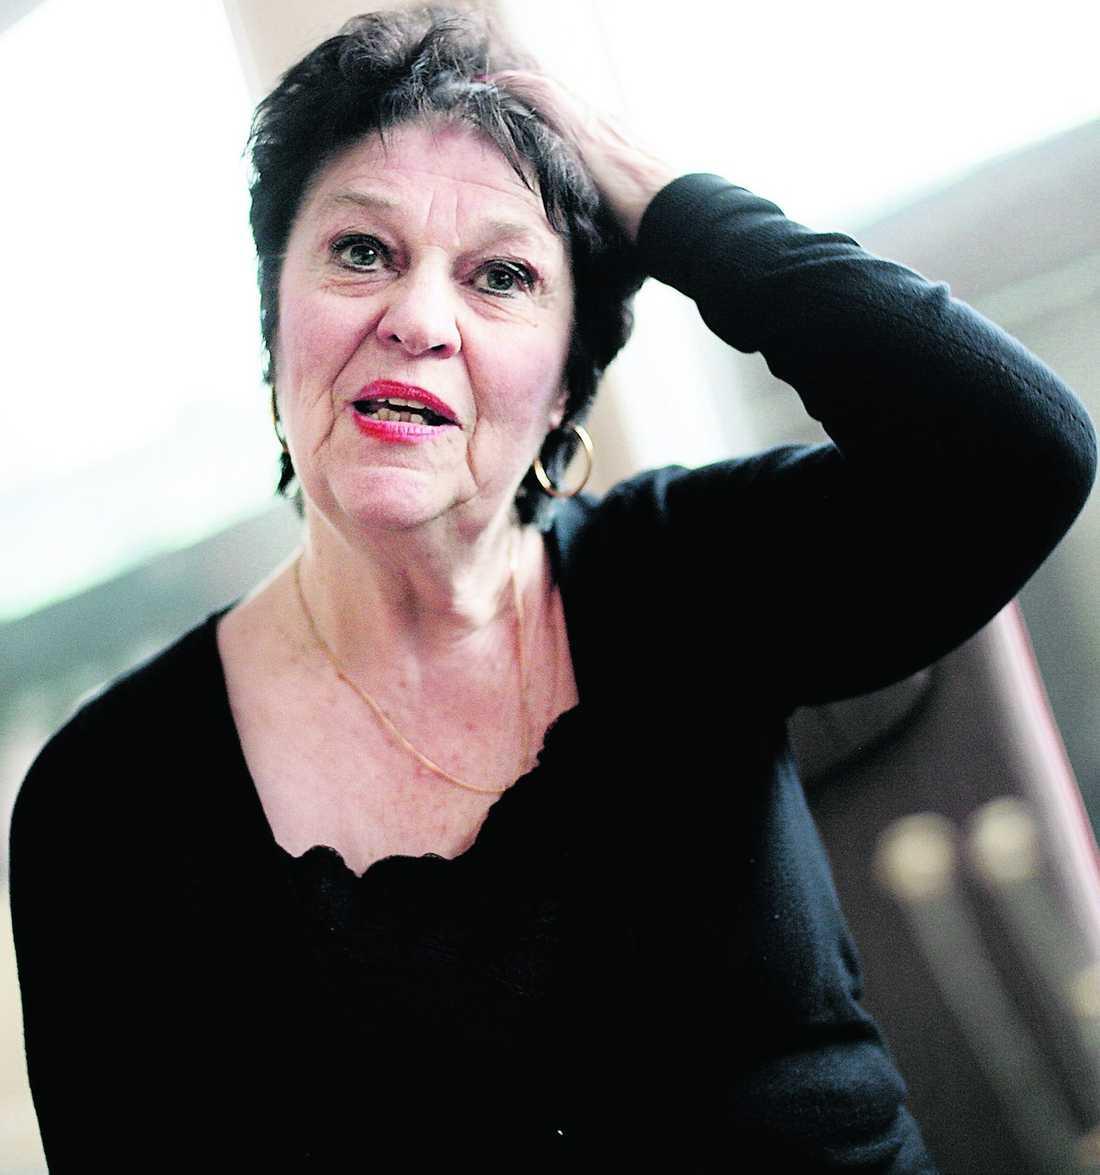 """""""STYRS AV M OCH FP"""" Sveket i februari 2009 blev för mycket för skådespelerskan och riksdagsledamoten Solveig Ternström. Nu lämnar hon Centern – och tänker i stället jobba aktivt för Socialdemokraterna."""